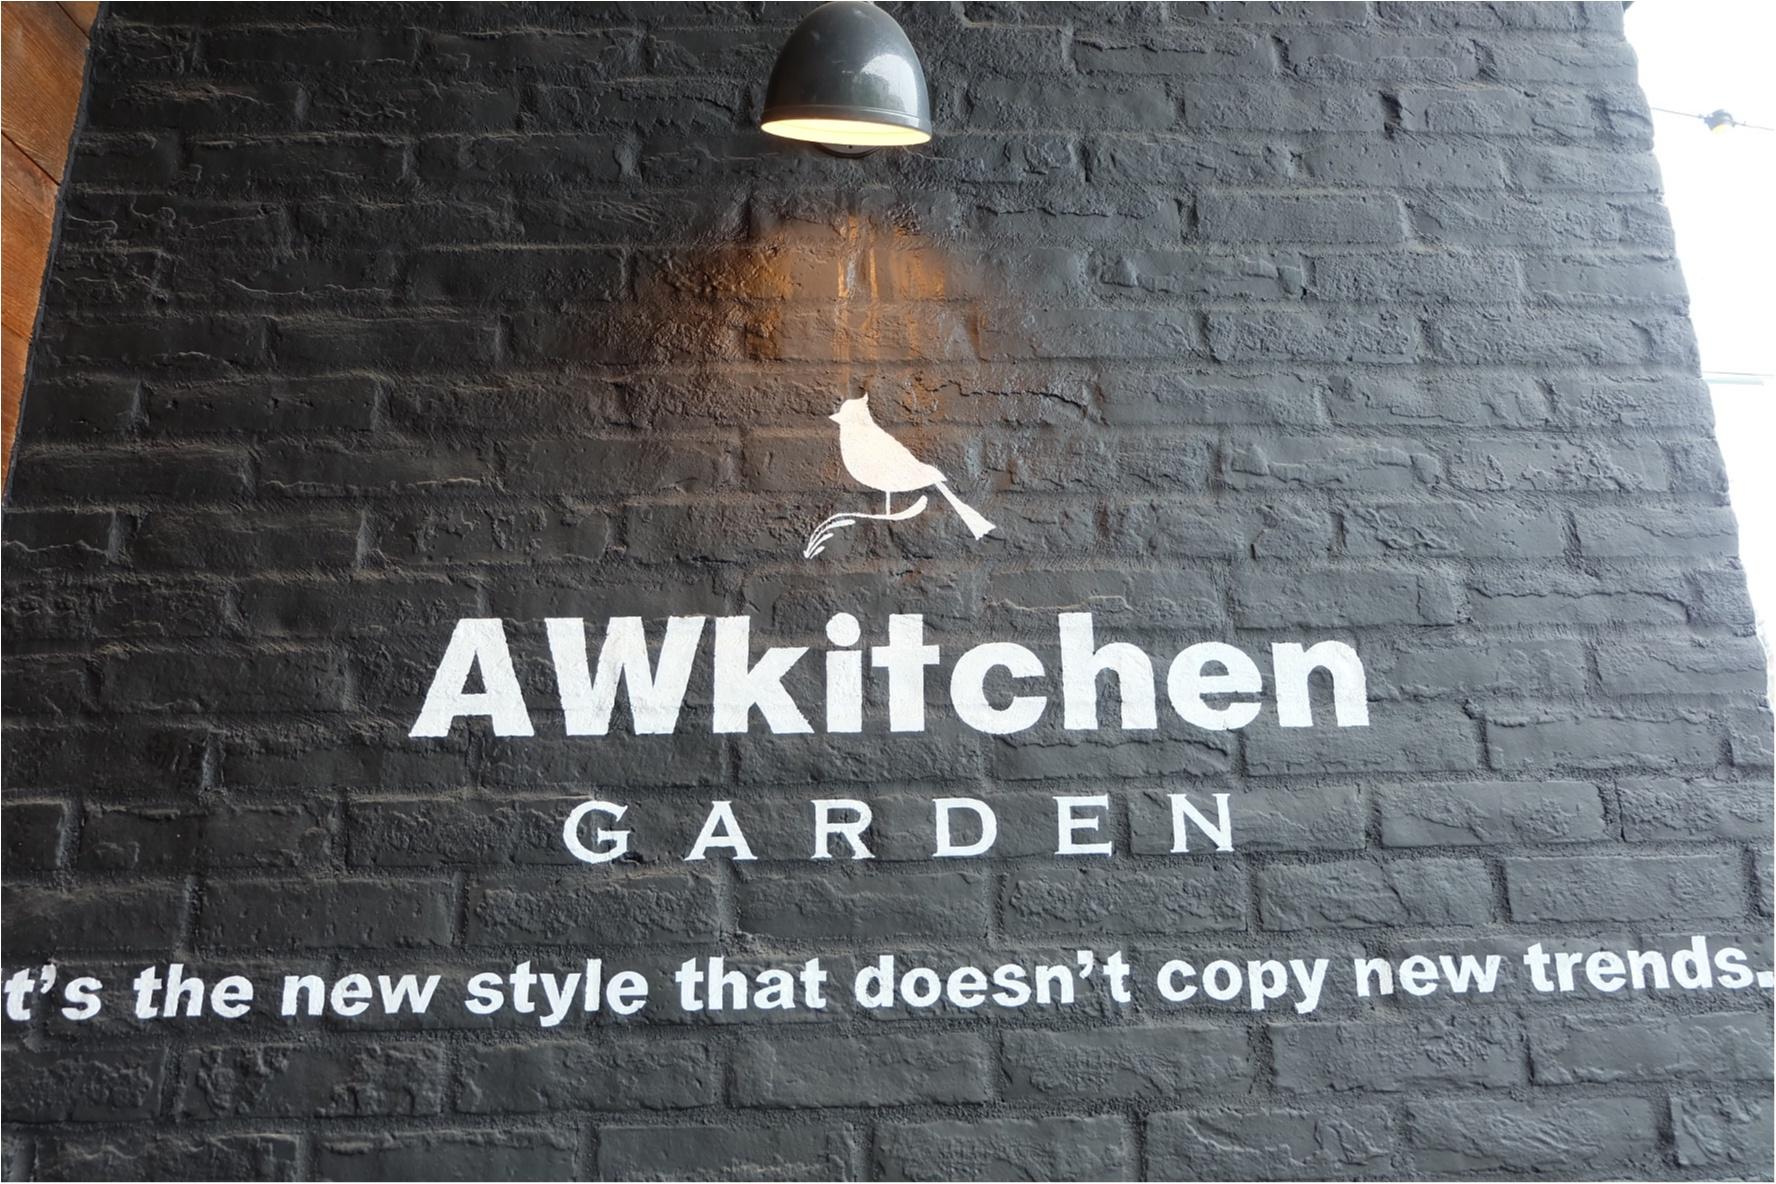 混まない穴場!カラフルで新鮮な鎌倉野菜が食べられるおしゃれレストラン♡_1